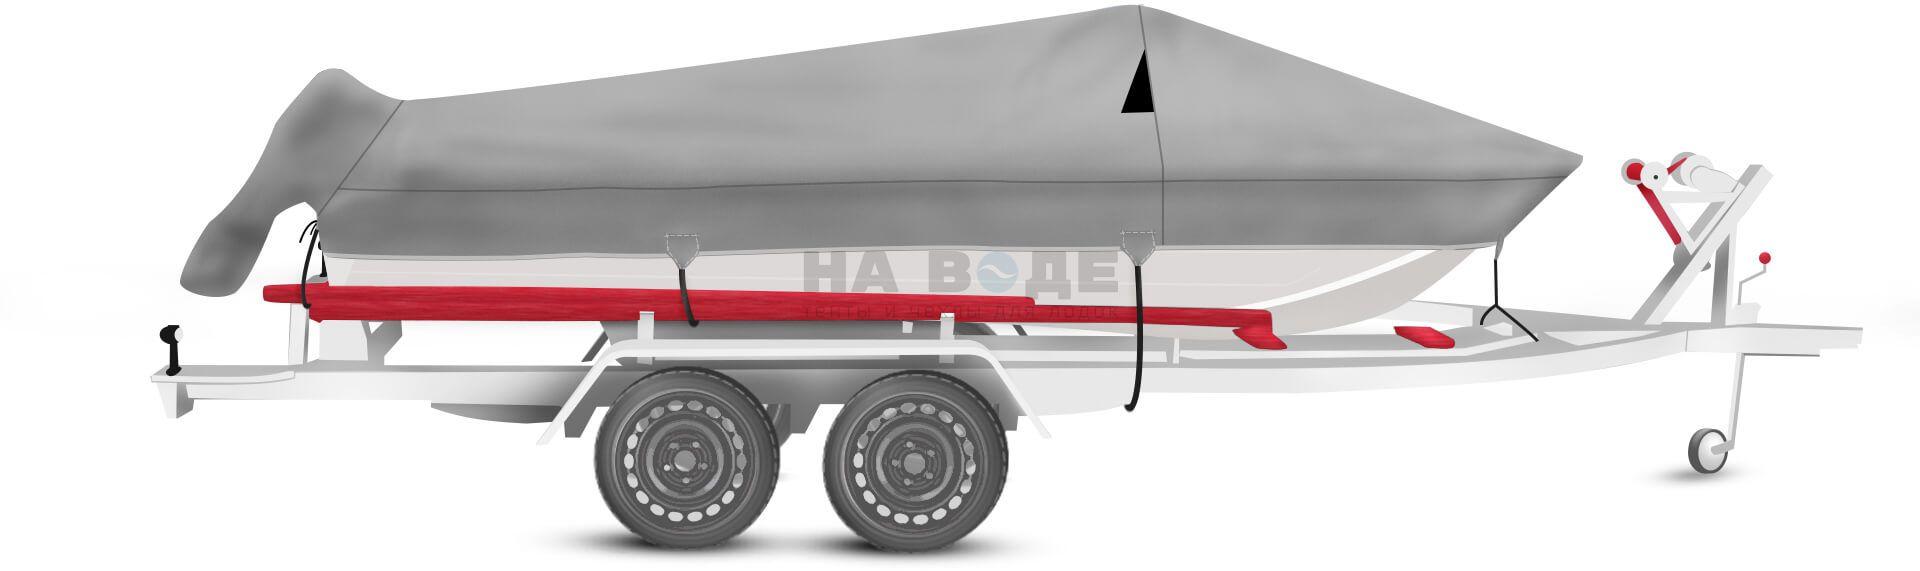 Транспортировочный тент на лодку Wyatboat-430 DCM комплектация с накрытием мотора - фото 1